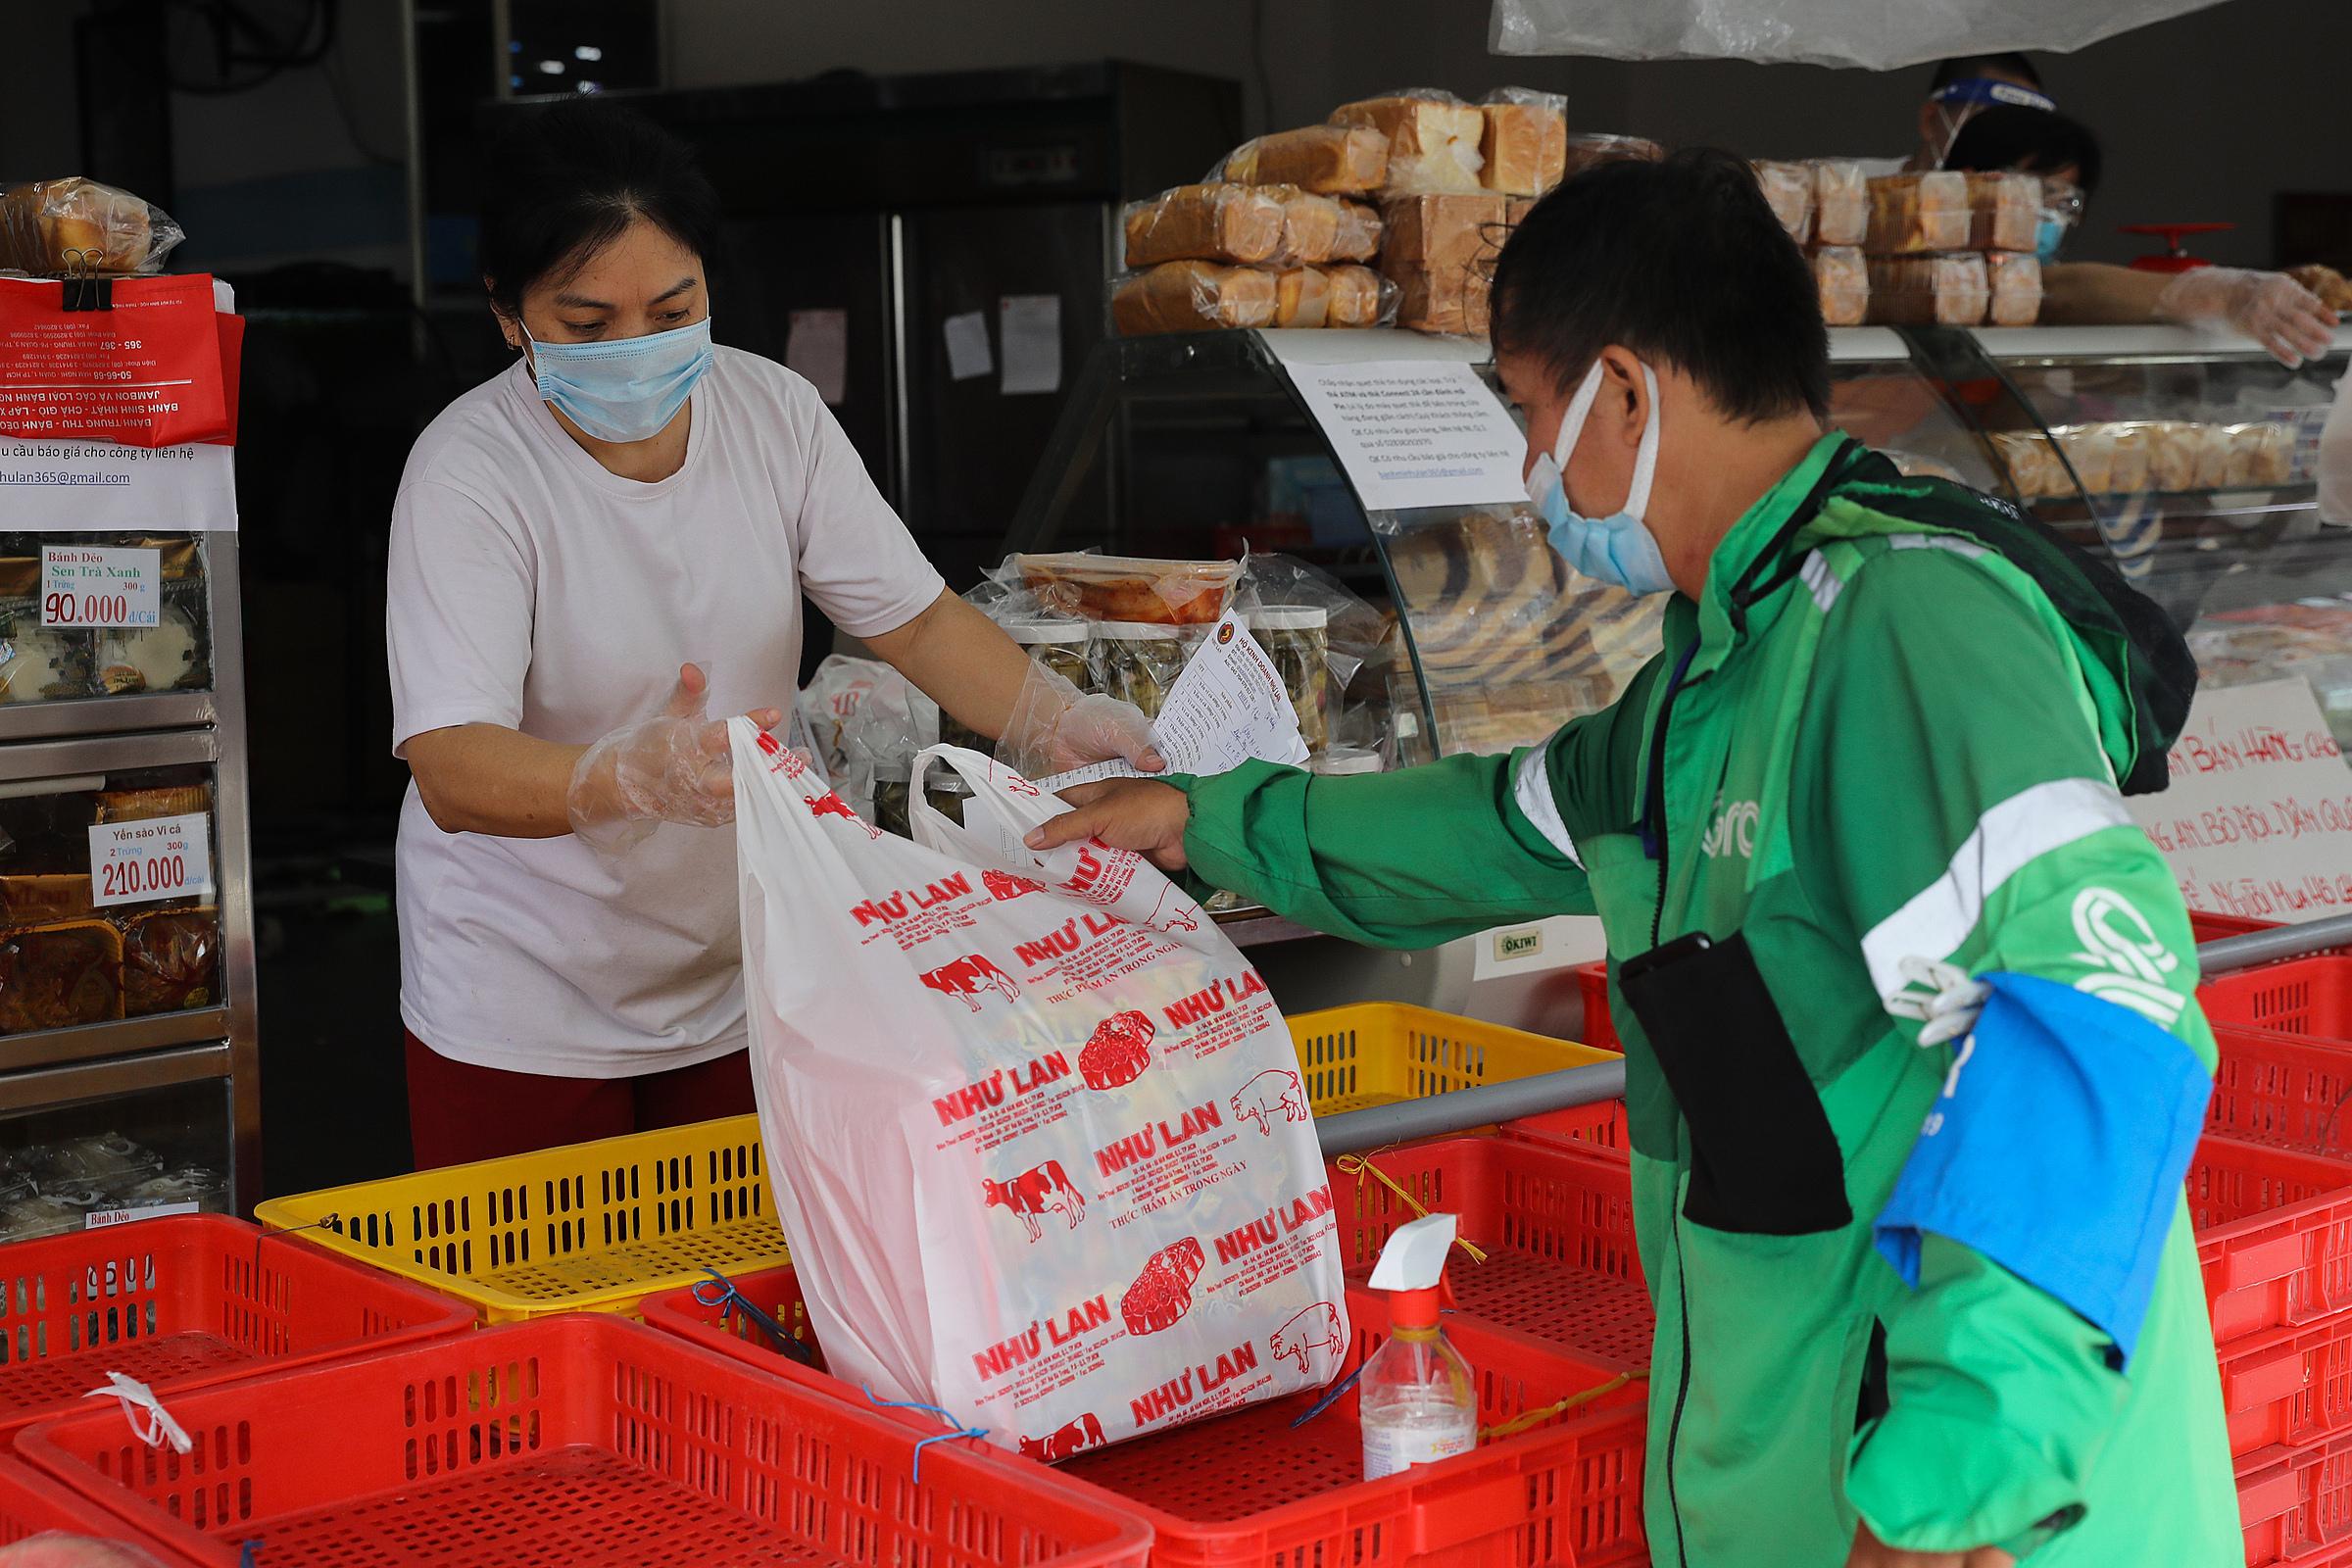 Shipper đang nhận sản phẩm để giao đến khách tại một cửa hàng ở TP HCM, ngày 9/9. Ảnh: Quỳnh Trần